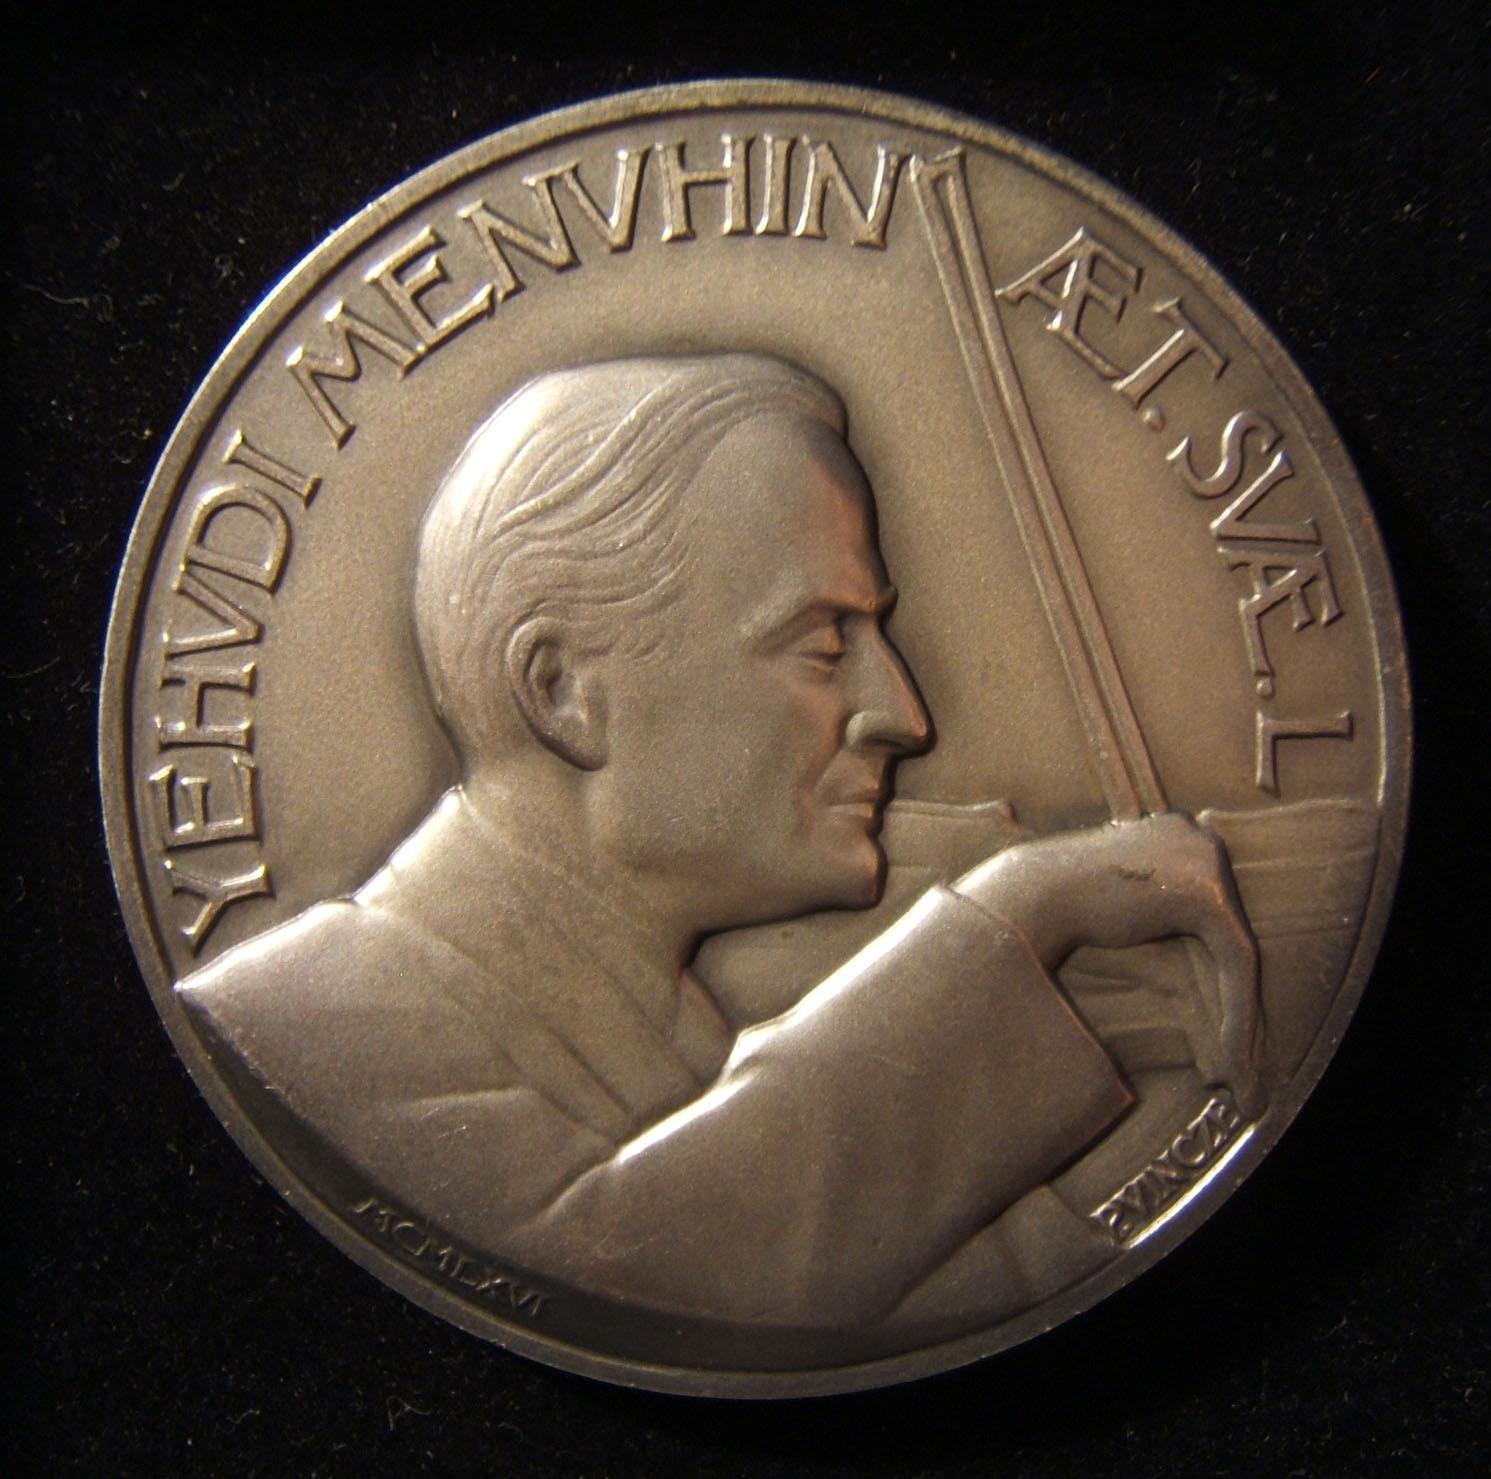 Vereinigte Staaten: Yehudi Menuhin 50. Geburtstag Silbermedaille von Paul Vincze, 1966; Größe: 56 mm; Gewicht: 97,05 g. Vorderseite: Menuhin spielt Geige; Beschriftung in Lateinisc